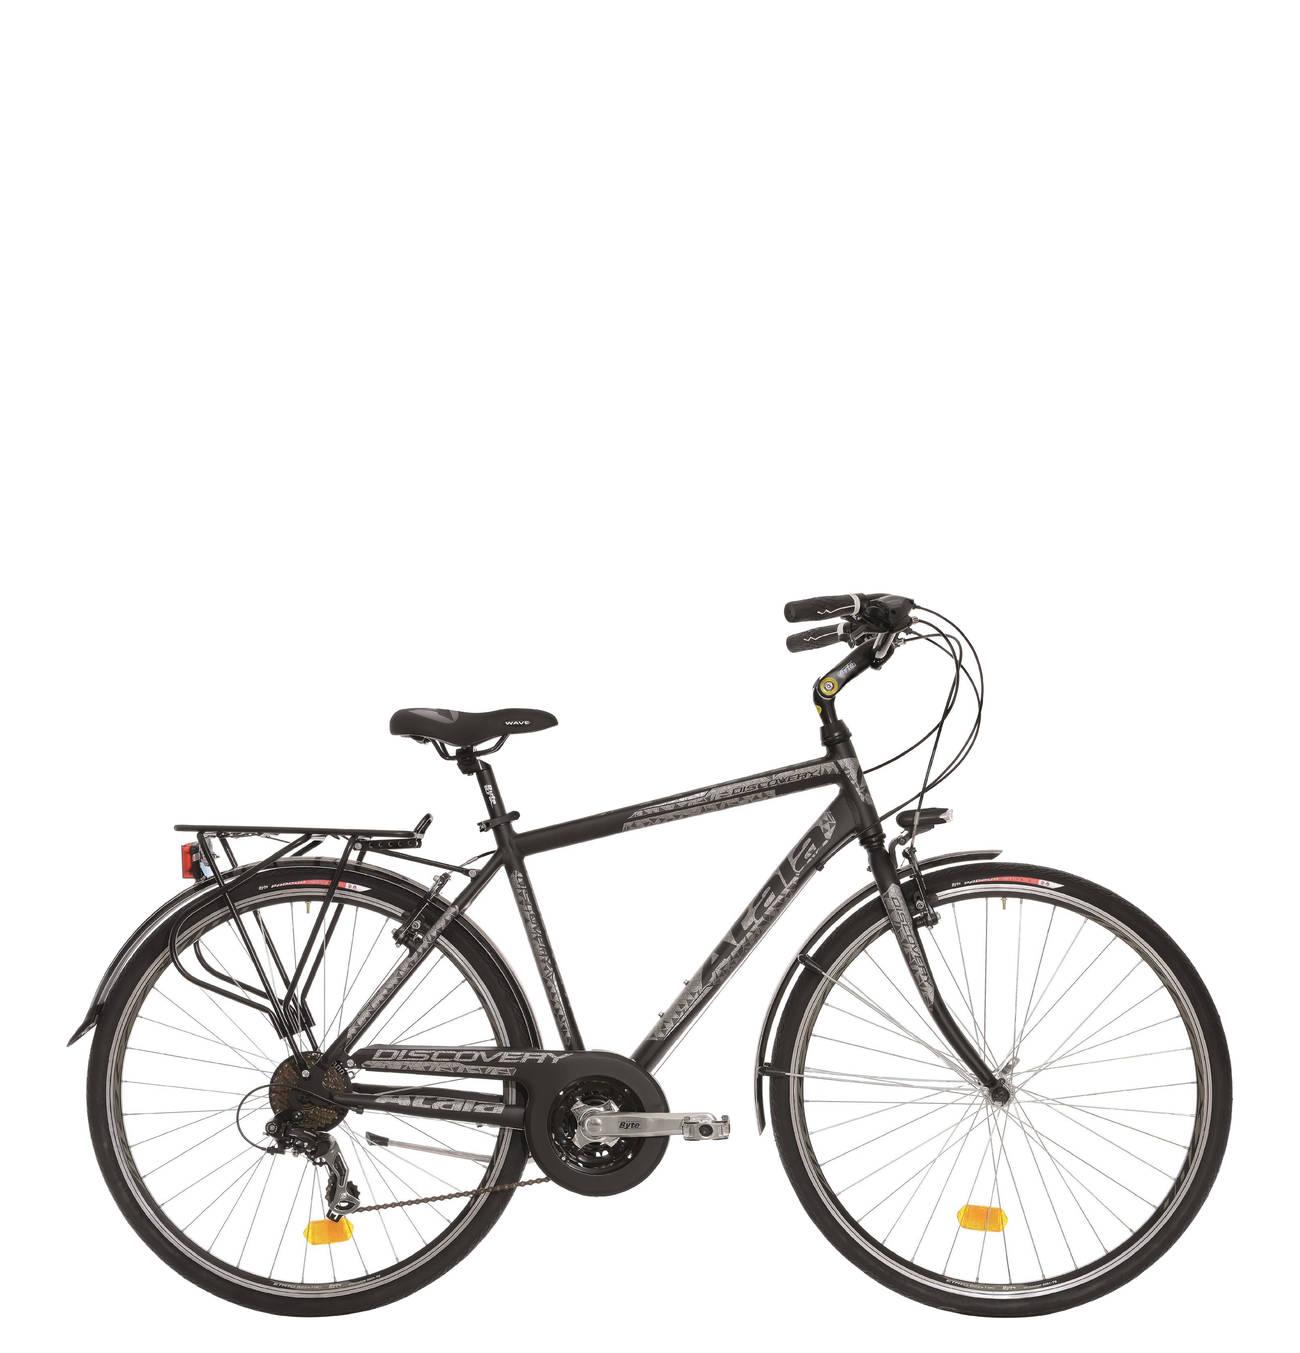 28 Zoll Herren Trekkingrad Discovery S 21v Man Trekking Fahrrad City Fahrrad Fahrrad